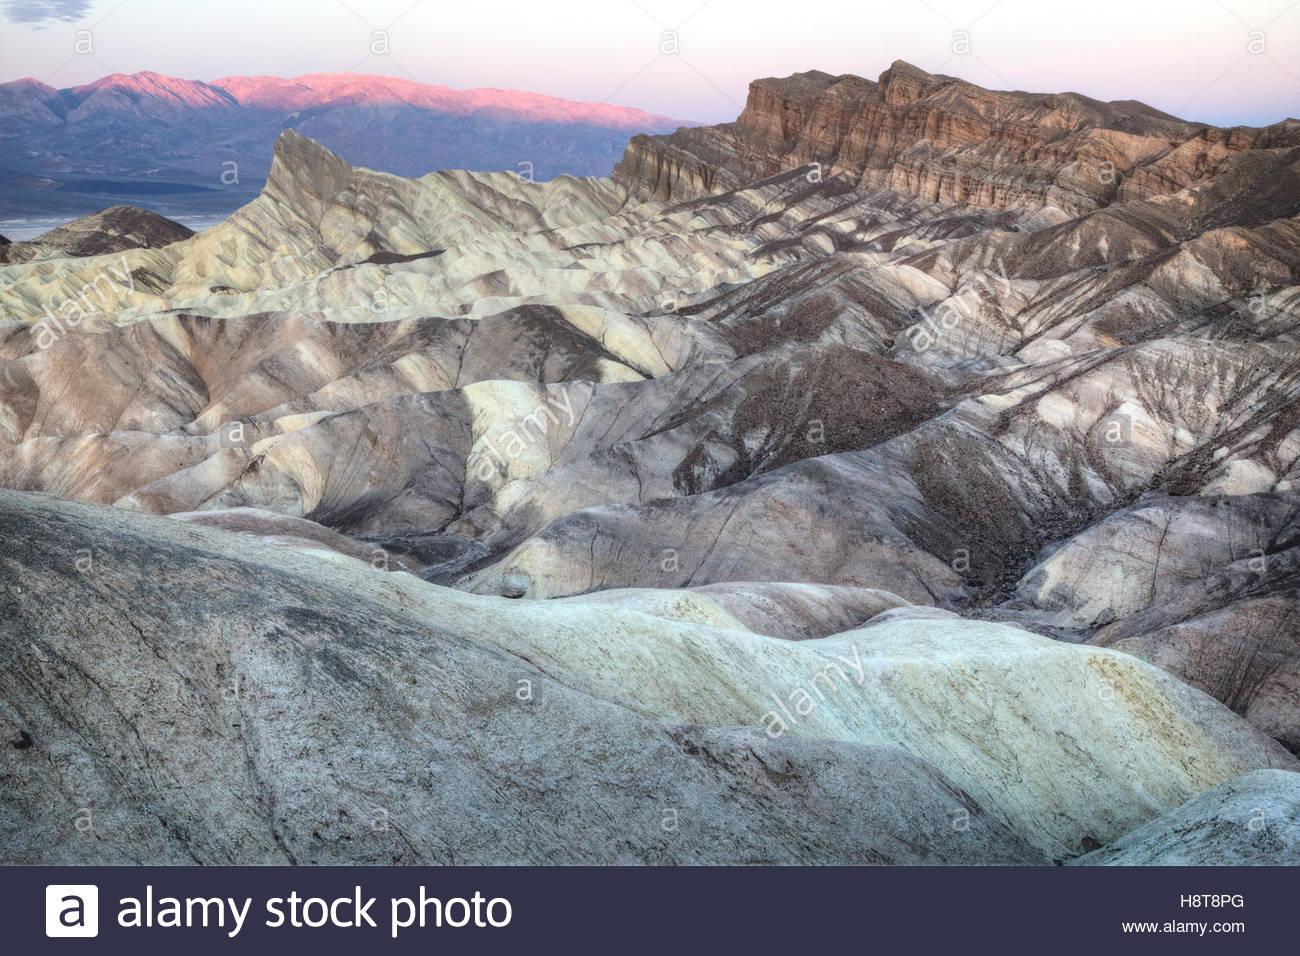 Die alte Seegrund und unverwechselbaren Vorgebirge von Manly Beacon Tagesanbruch. Verwitterung und Veränderung Stockbild